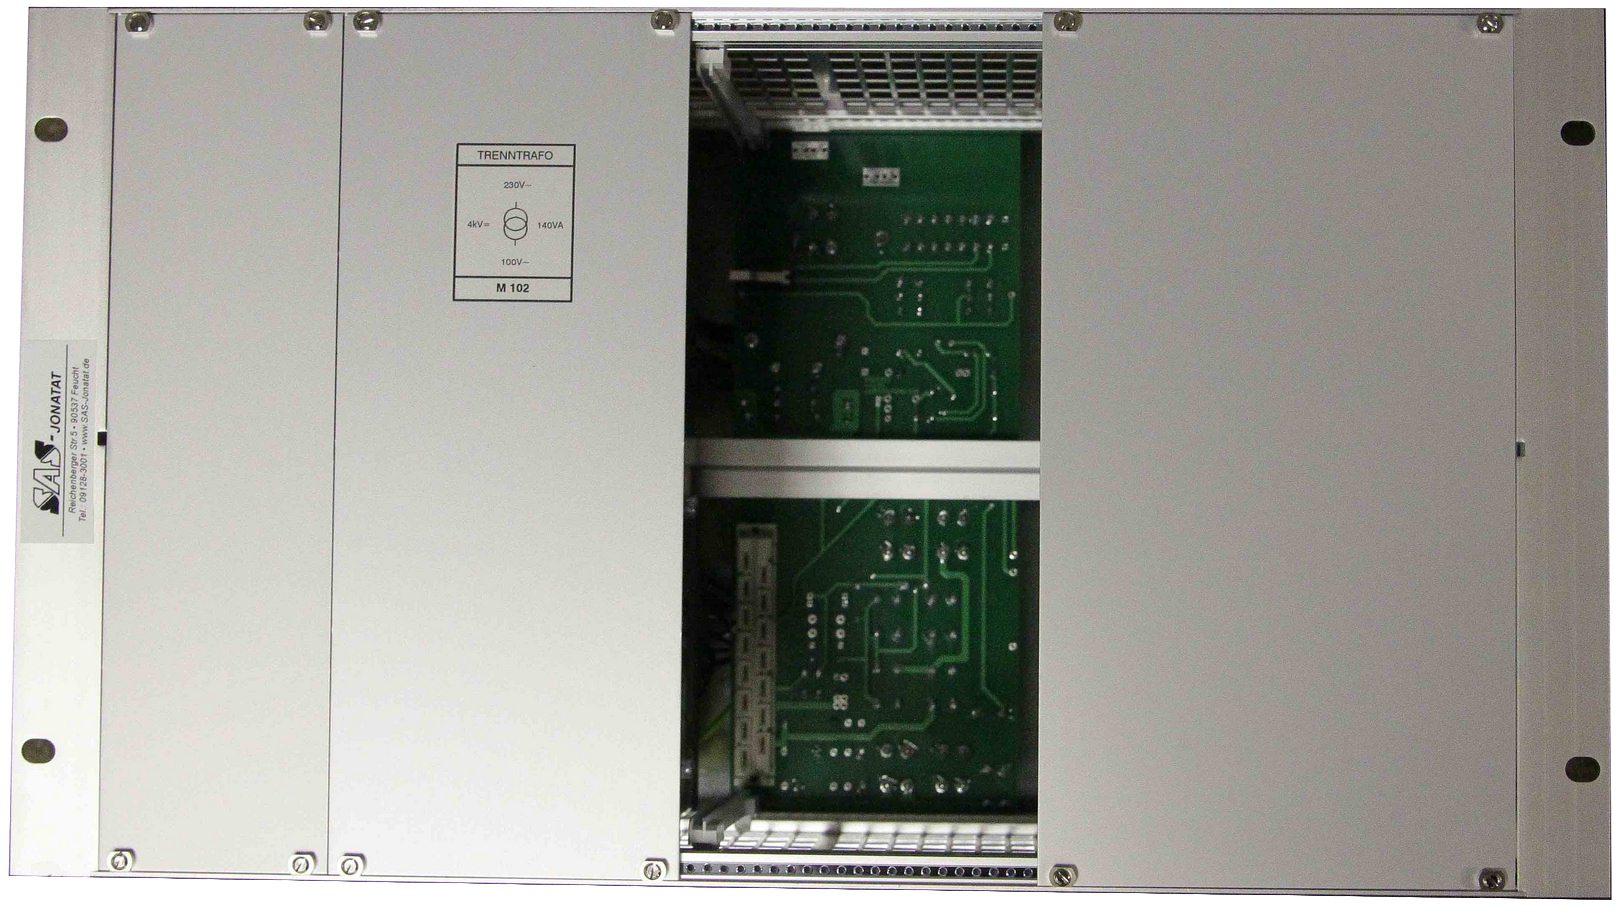 Kundenspezifischer Überrahmen Baugruppenträger für Wechselrichter FWR 150 /220, FWR 150/110, FWR 150/60, FWR 150/48, Sinuswandler